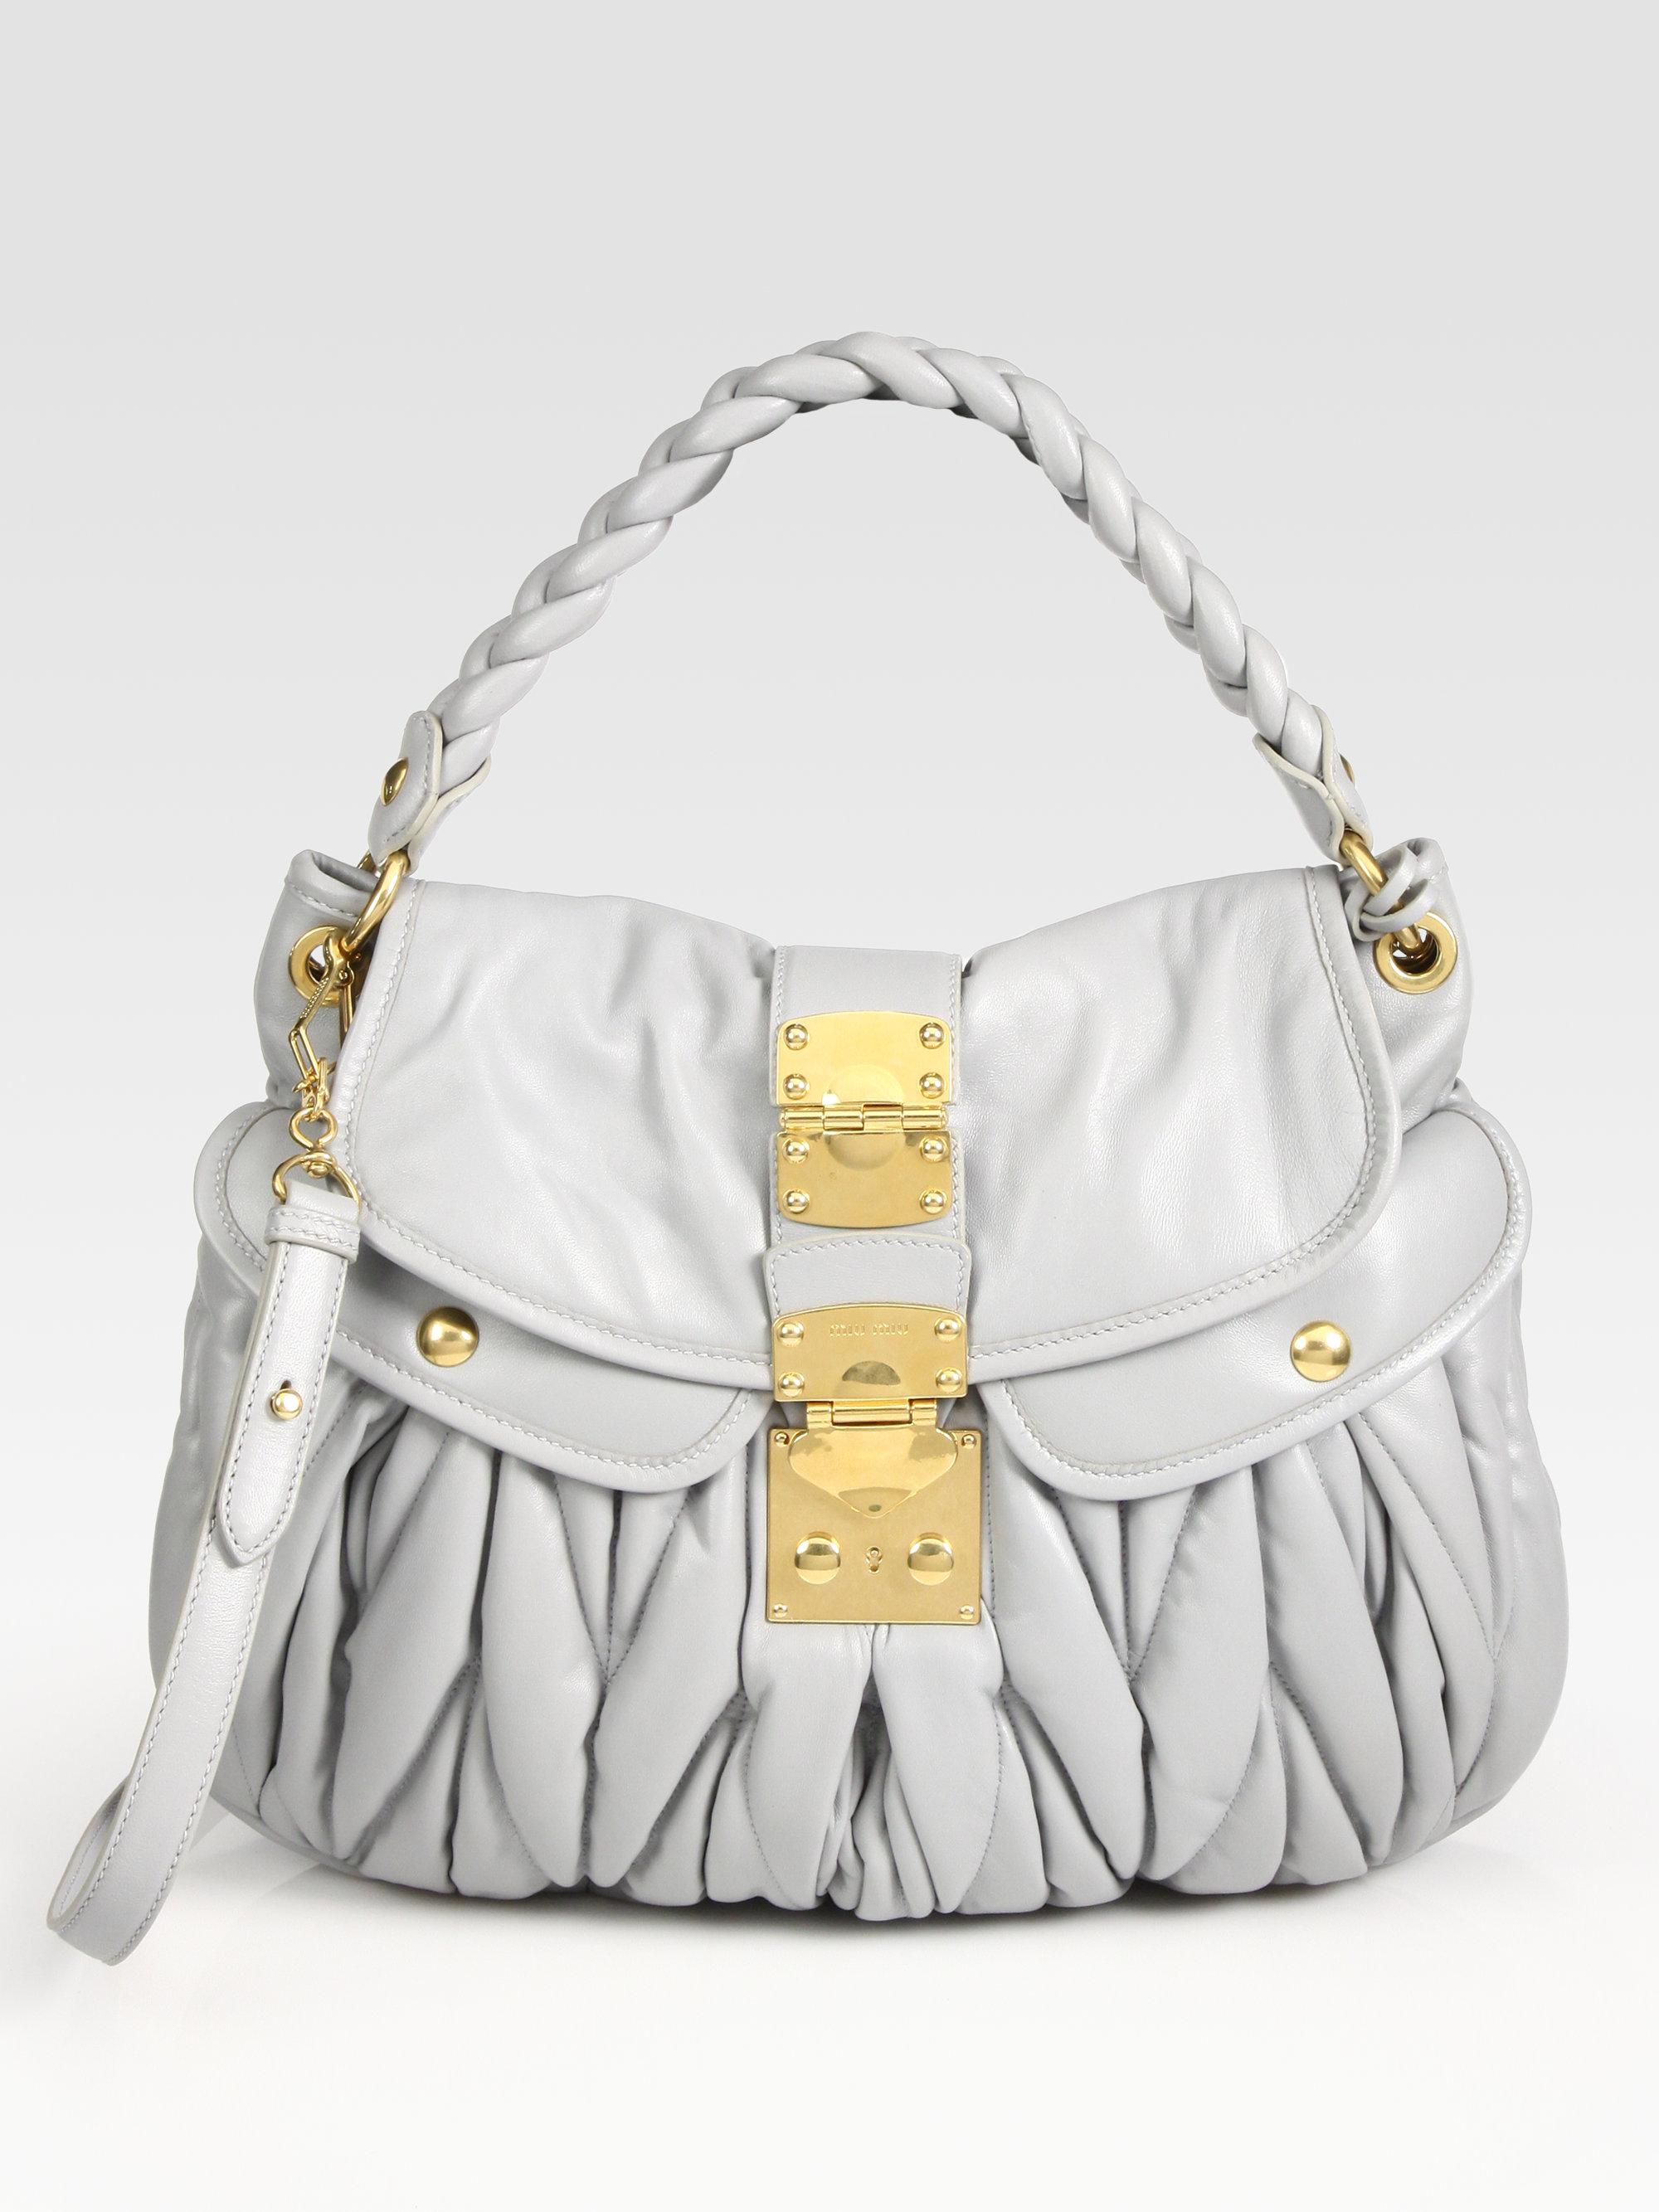 Miu Miu Grey Bag